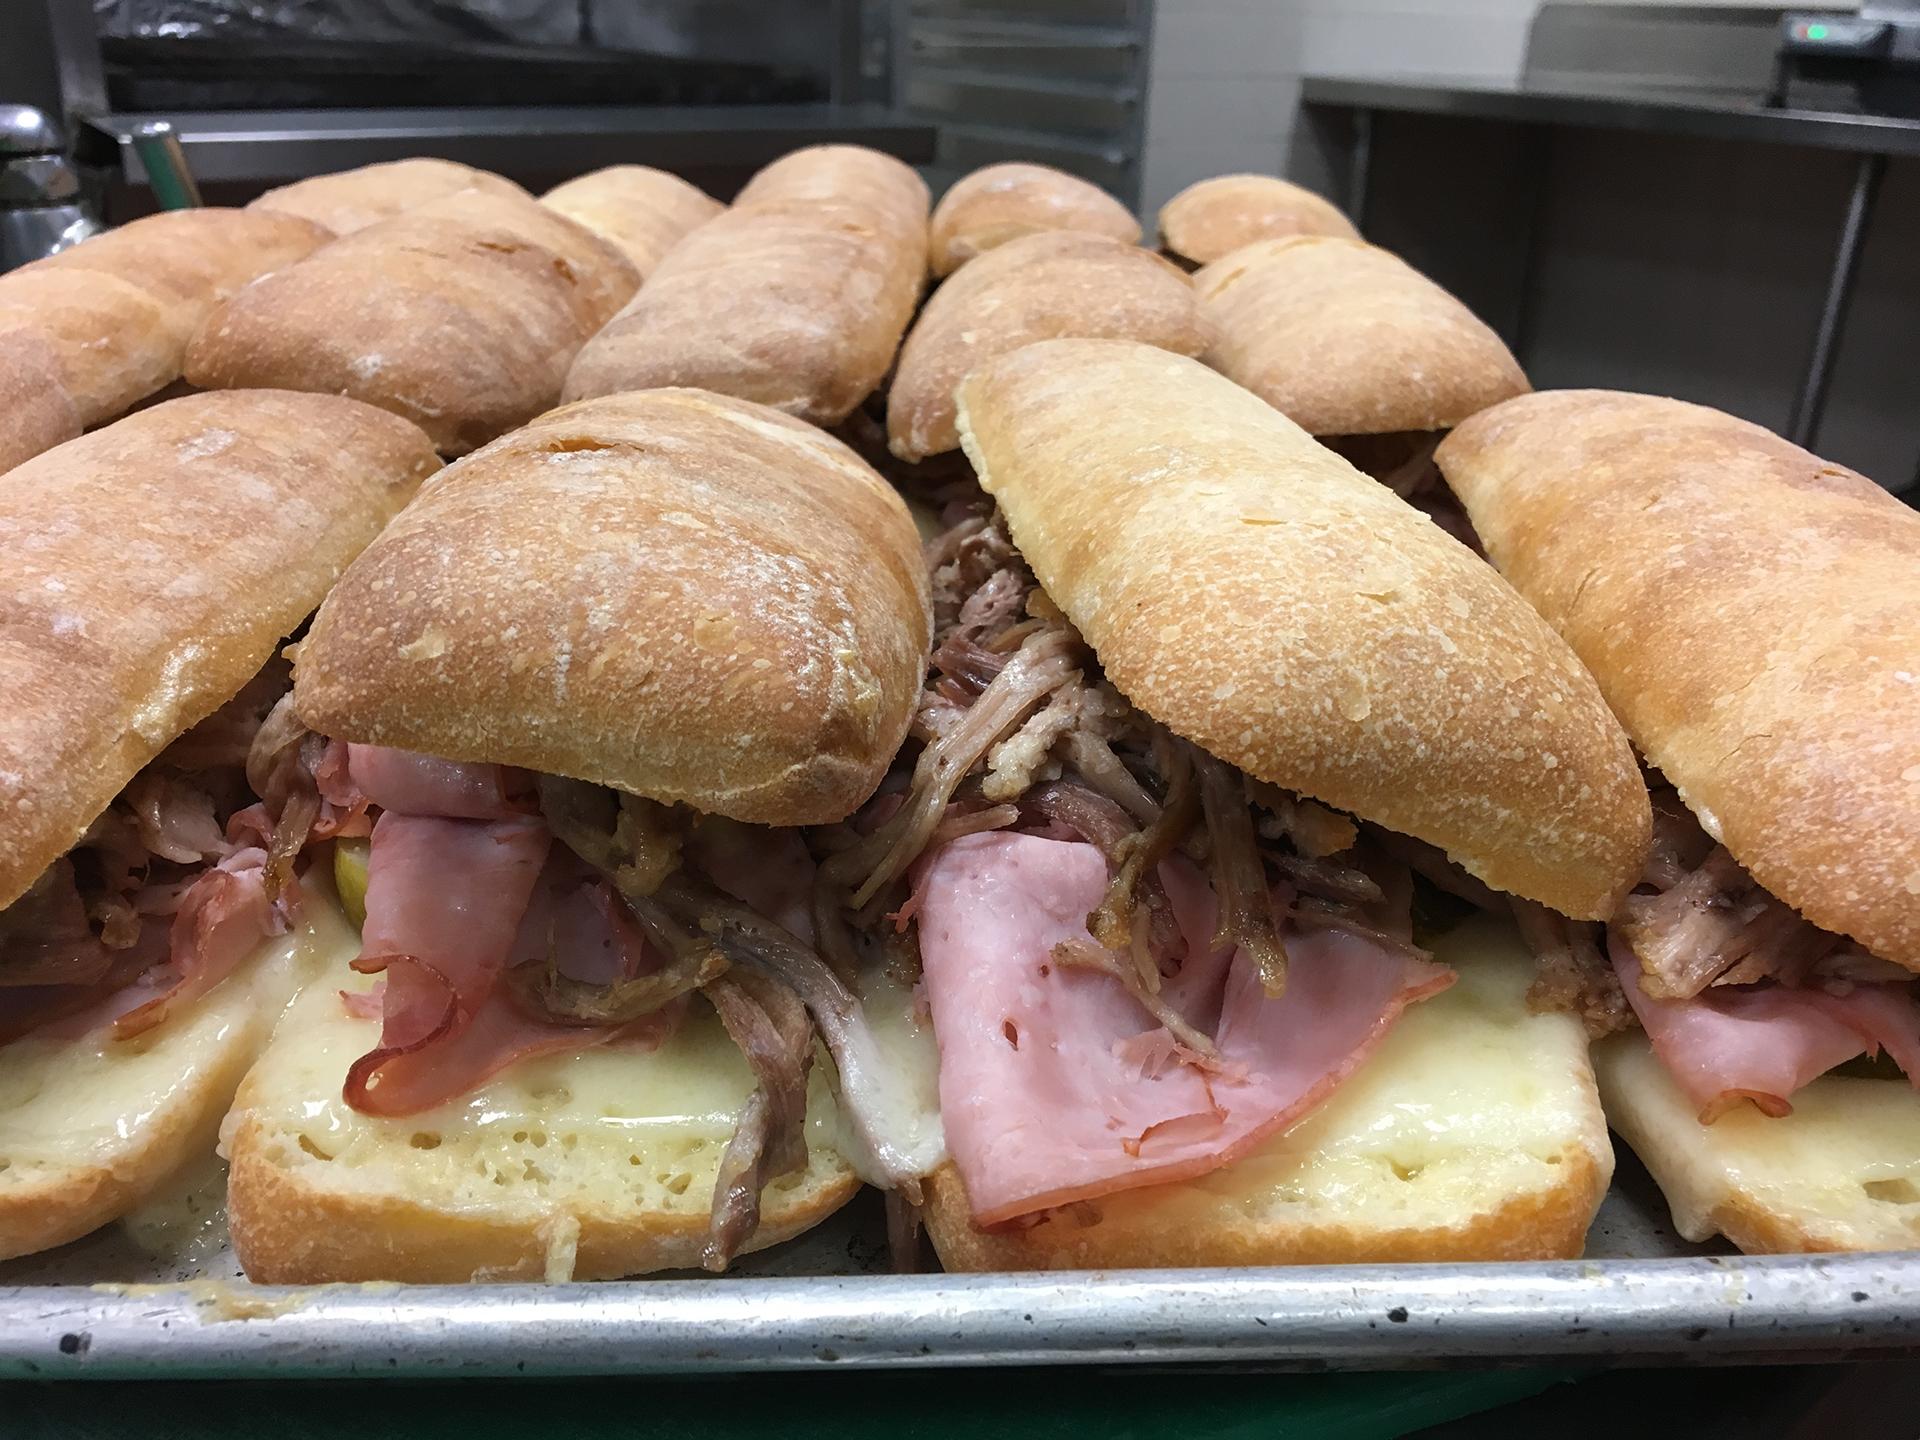 El simple pero delicioso sándwich cubano generalmente incluye jamón, queso suizo, cerdo, mostaza y encurtidos calentados entre dos crujientes panes